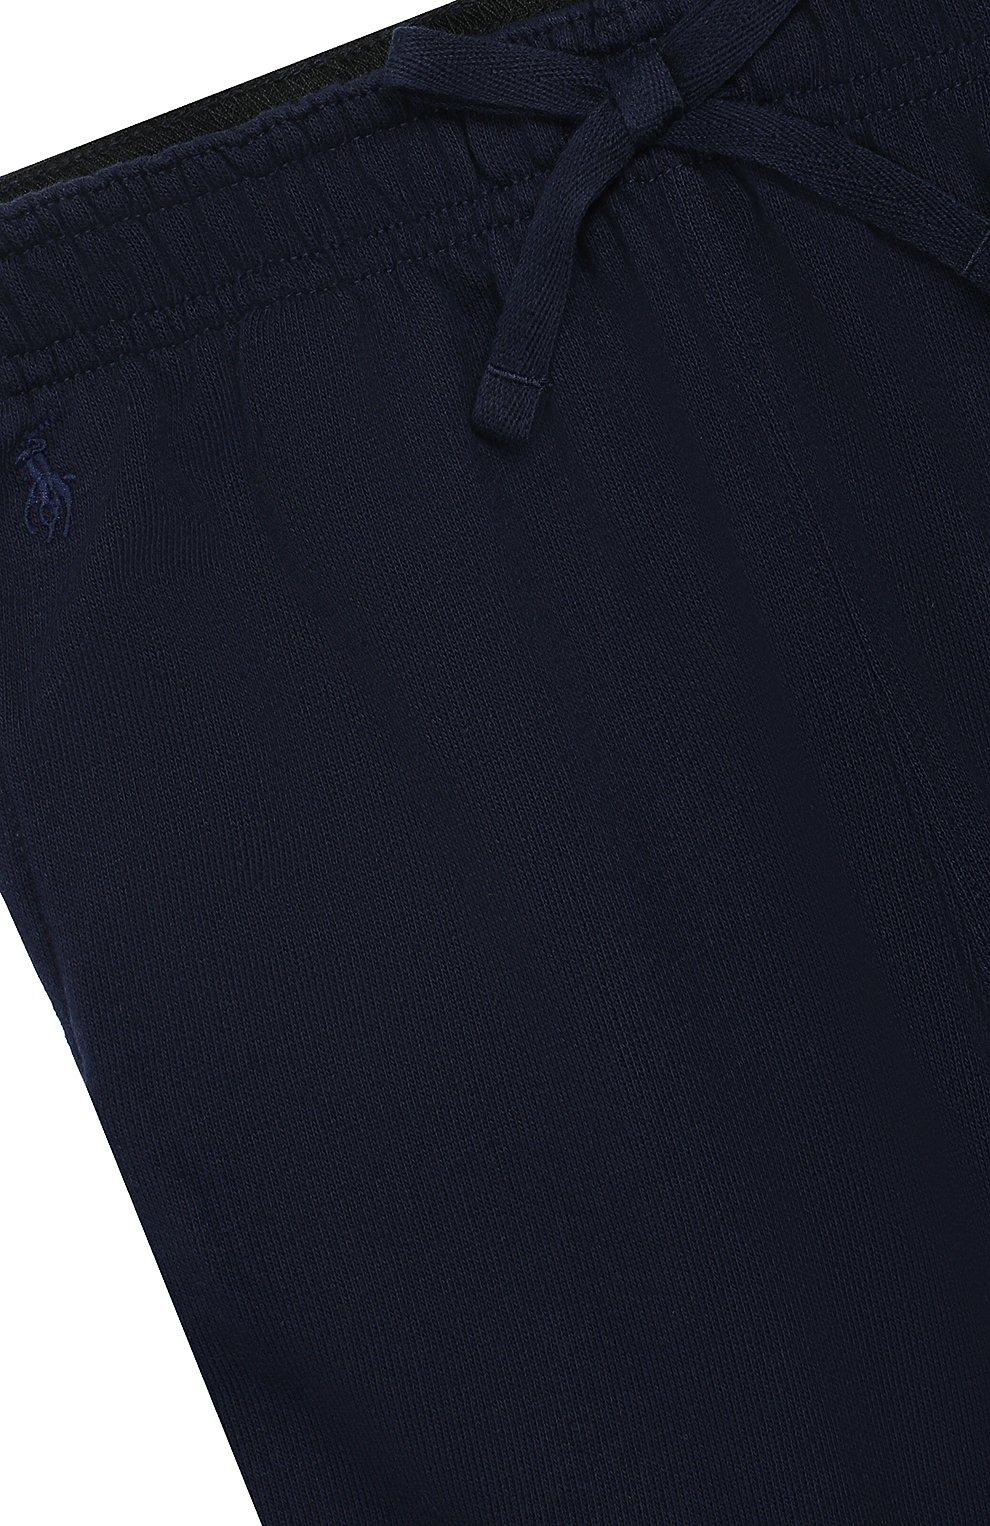 Хлопковые джоггеры Polo Ralph Lauren синего цвета   Фото №3